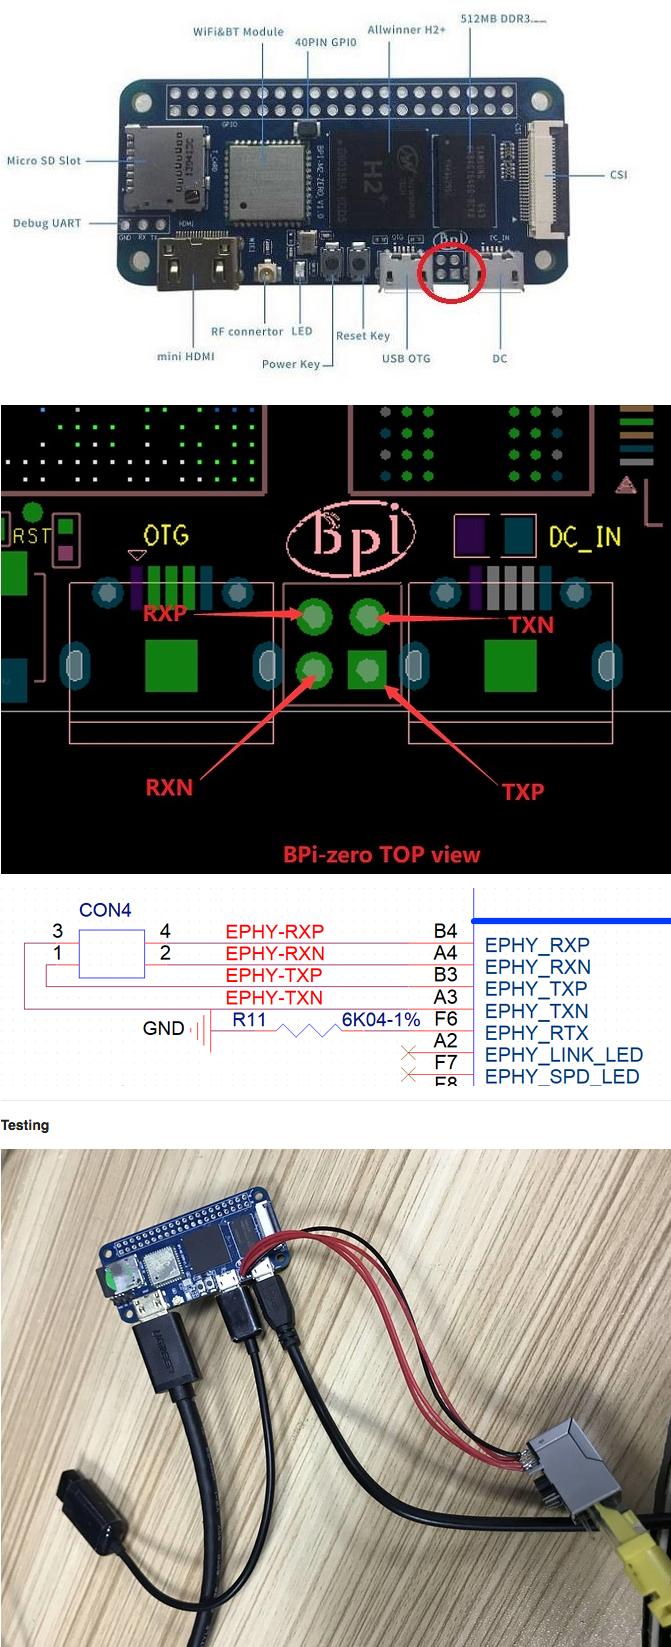 _BPI-M2-Zero__Default_supports_10_100_Ethernet_-_BPI-M2__BPI-M2_Zero_BPI-P2_Zero_-_banana_pi_single_board_computer_official_forum_SinoVoip_BPI_team.png